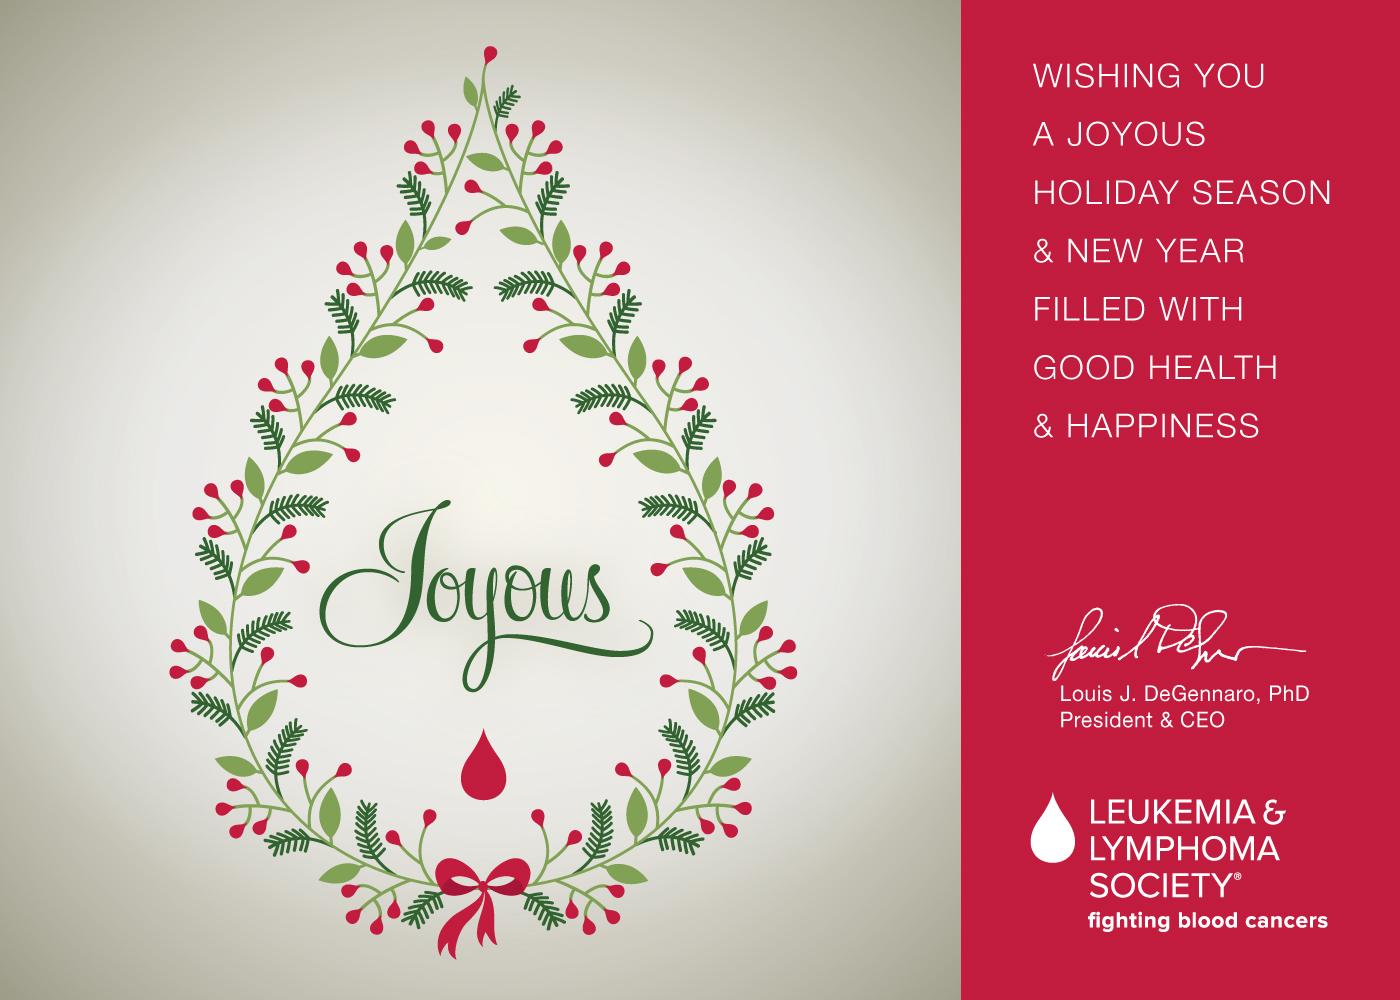 Holiday Concepts | Leukemia and Lymphoma Society